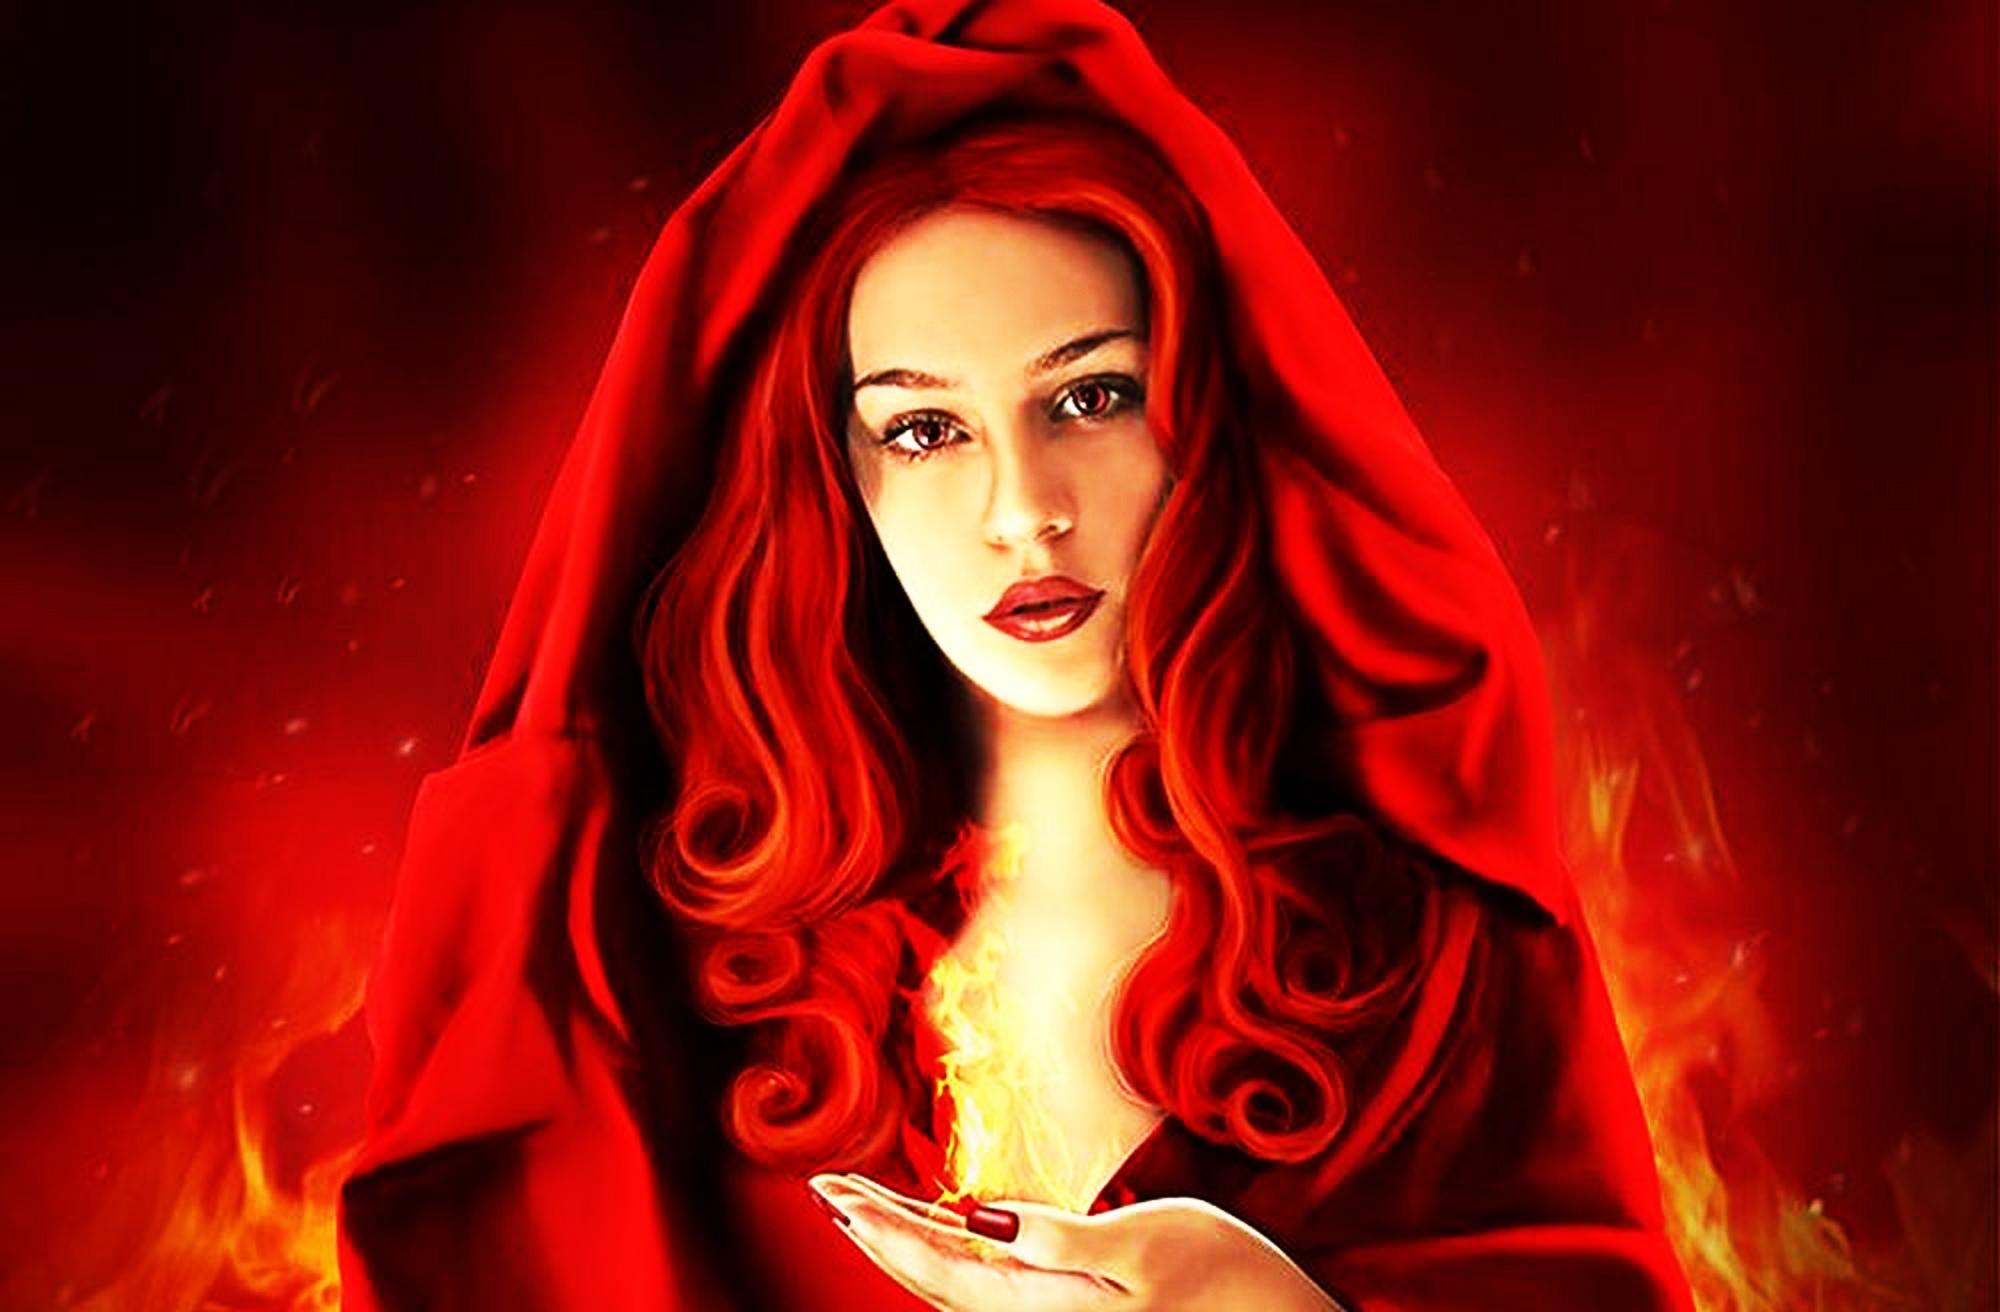 cung hoàng đạo Kim Ngưu nữ thần bếp lửa